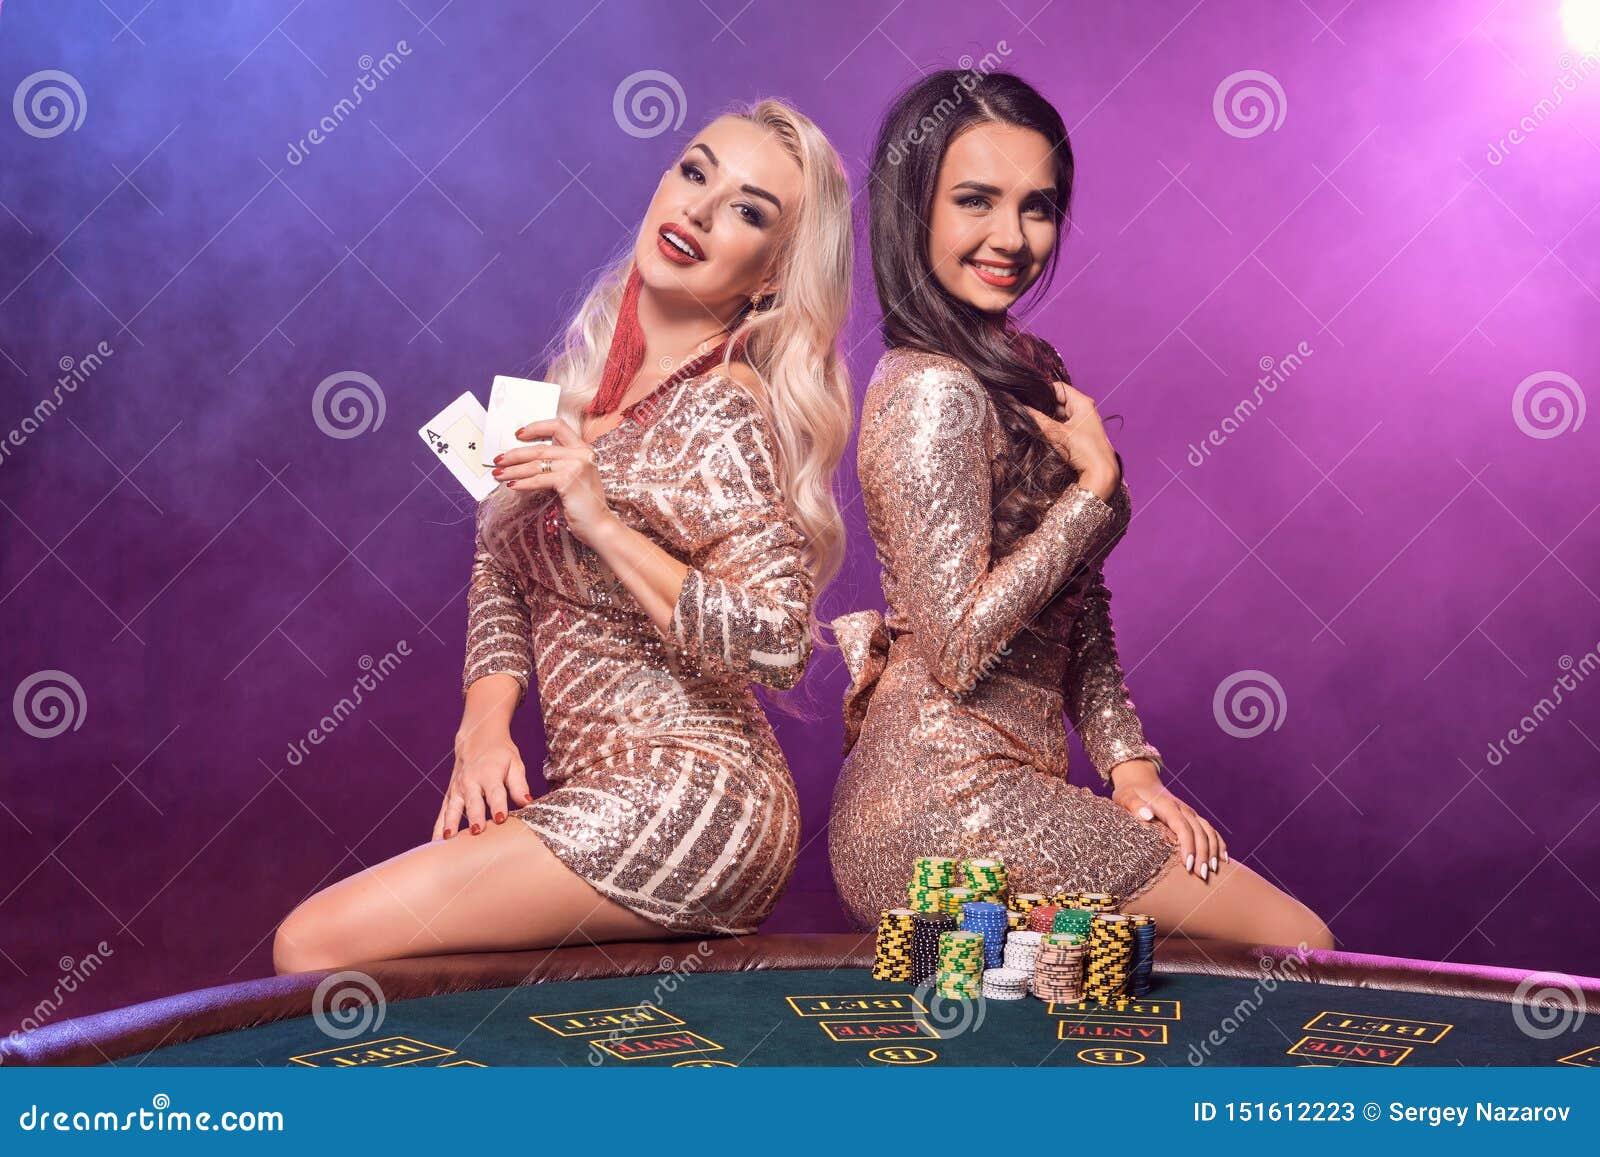 Härliga flickor med perfekta frisyrer och det ljusa sminket poserar anseende på en spela tabell Kasino poker